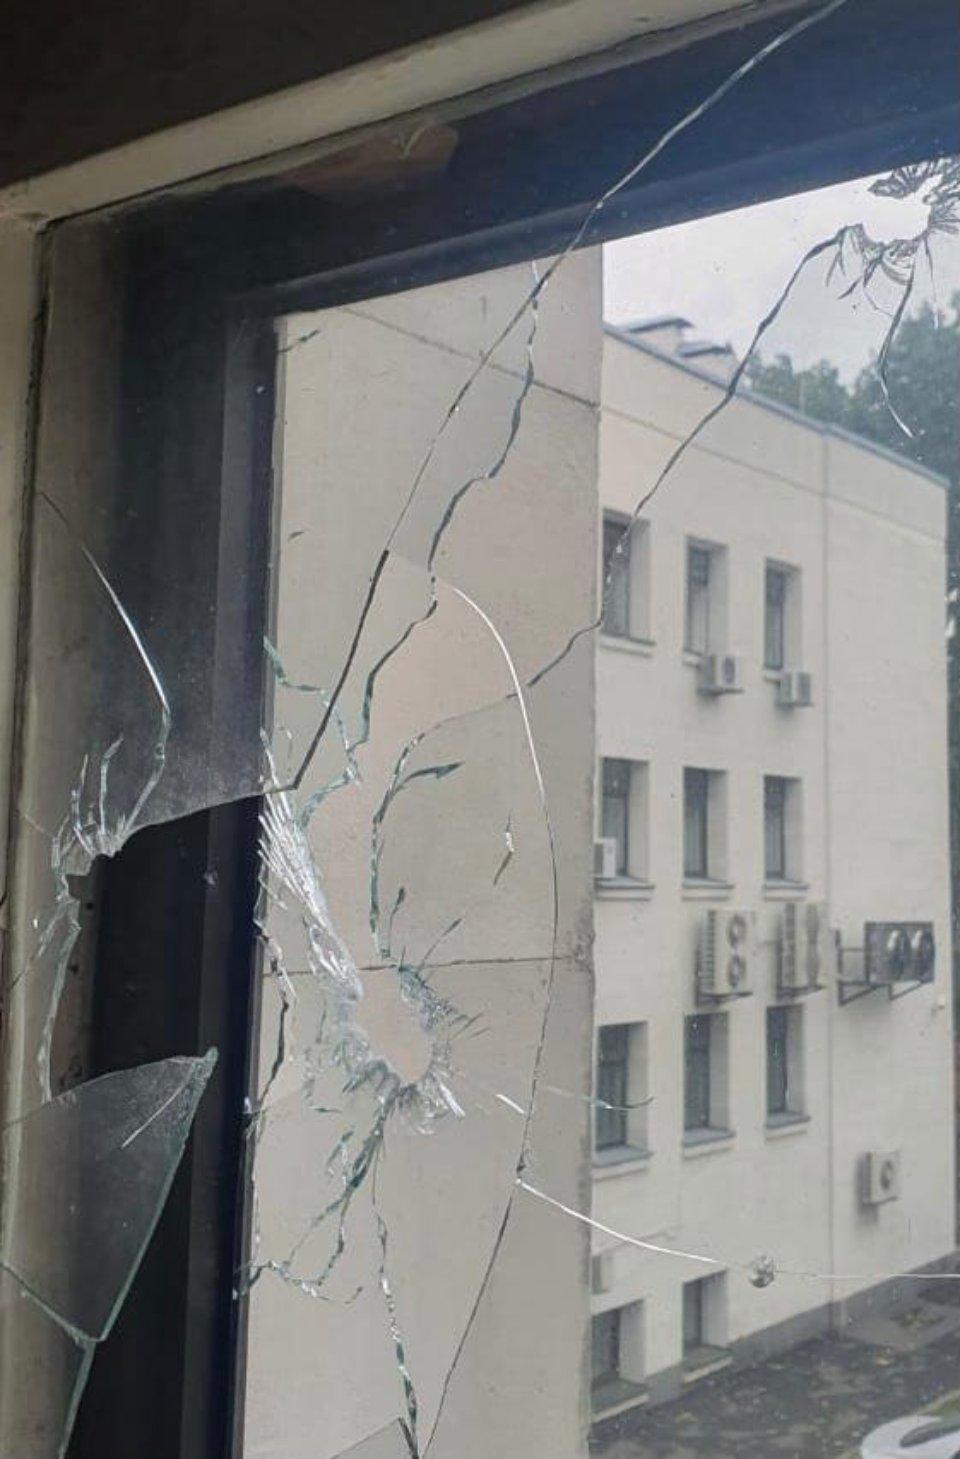 Тріщини у склі після вибуху / Фото з сайту Вищого антикорупційного суду